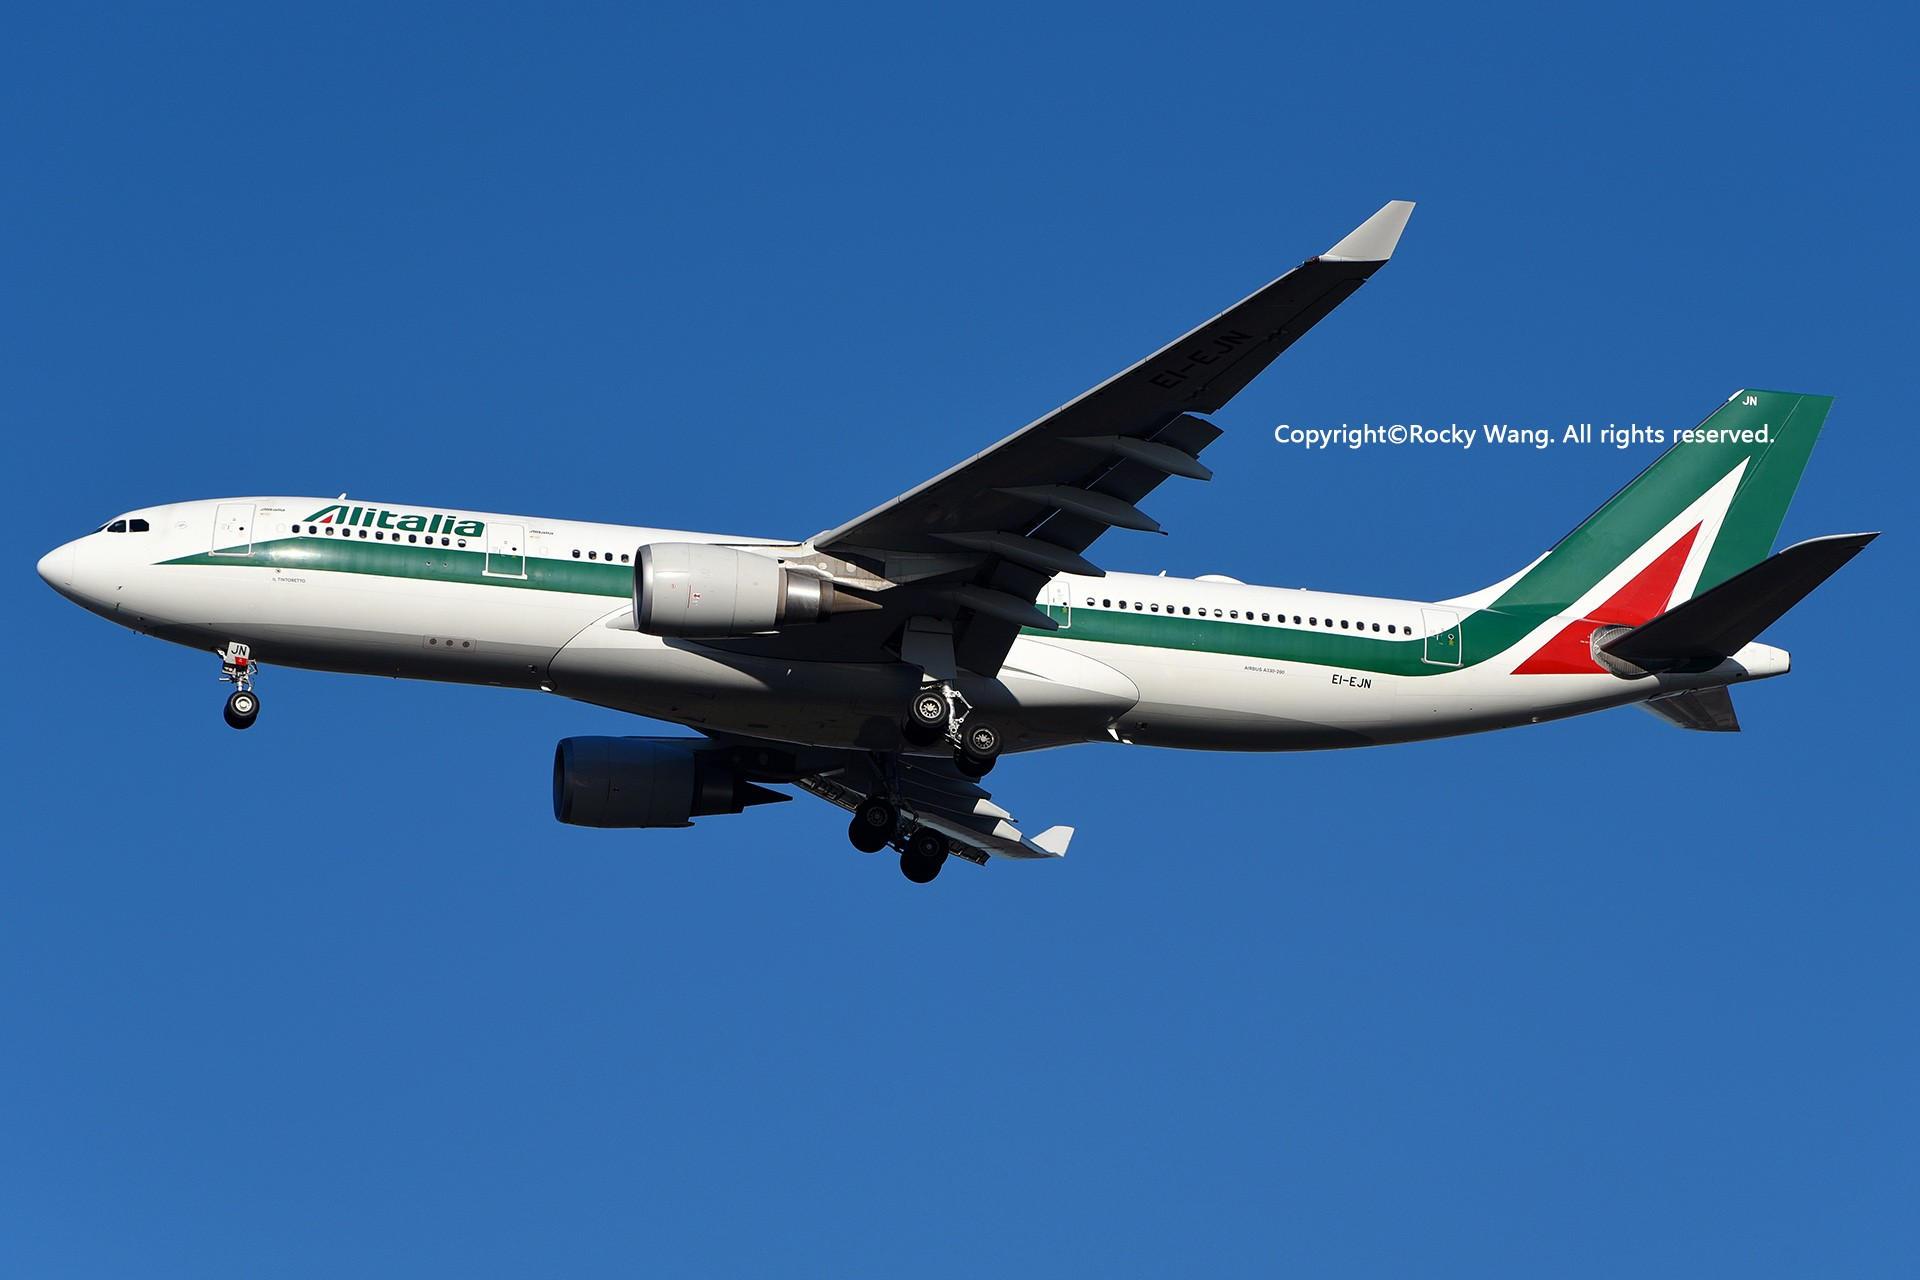 Re:[原创]KJFK 30图 AIRBUS A330-202 EI-EJN New York John F. Kennedy Int'l Airport